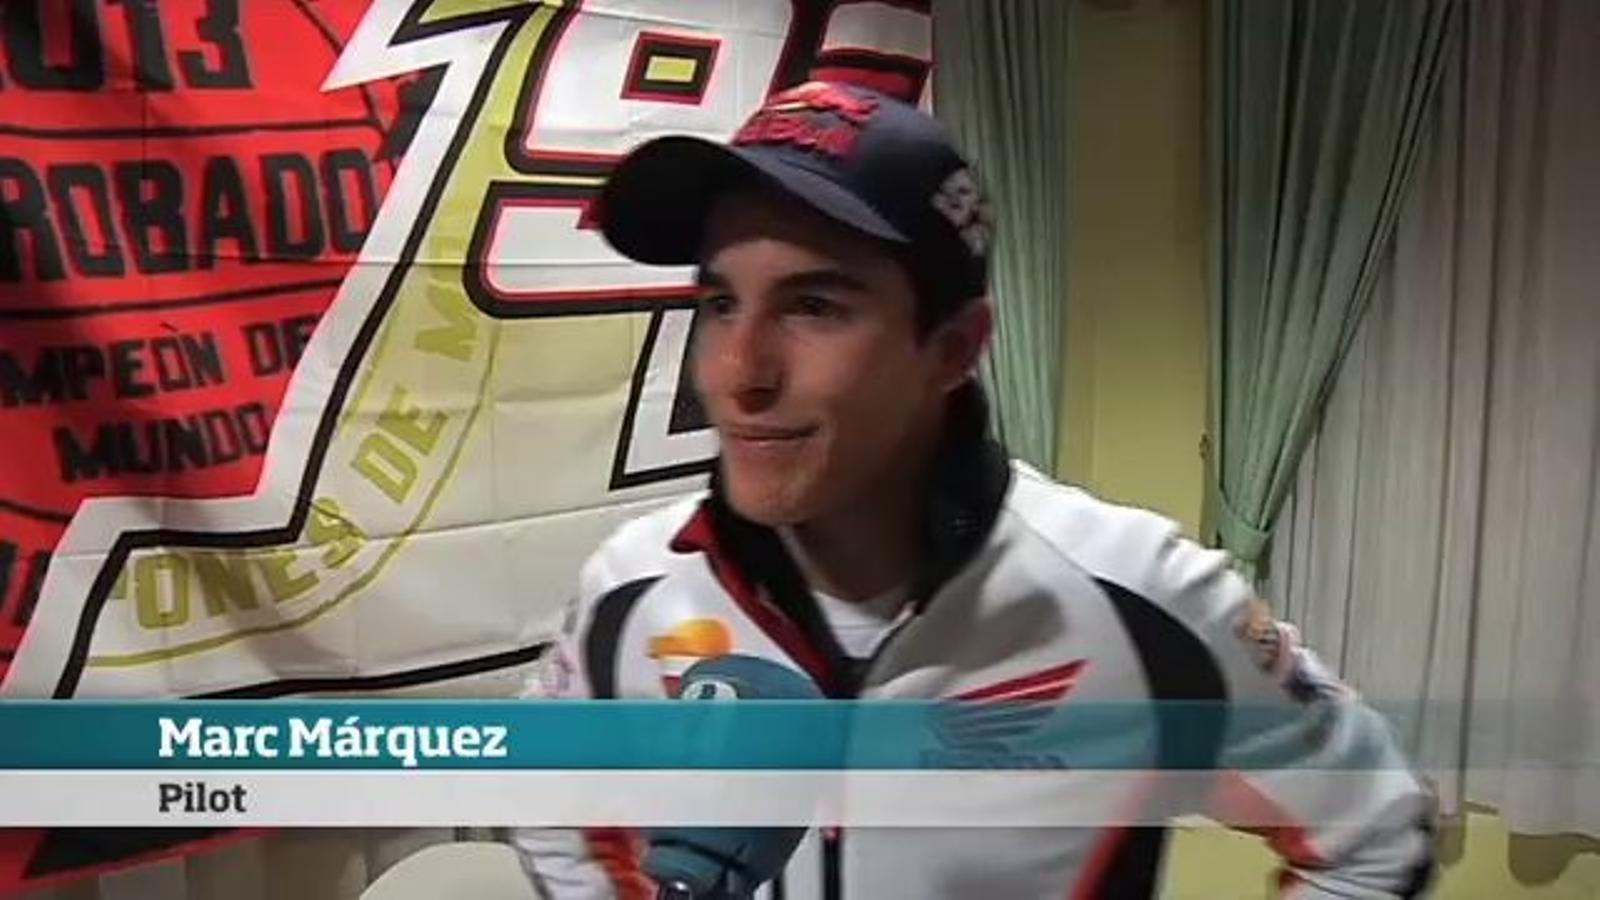 Marc Márquez: El proper any espero cometre menys errors, encara haig de millorar